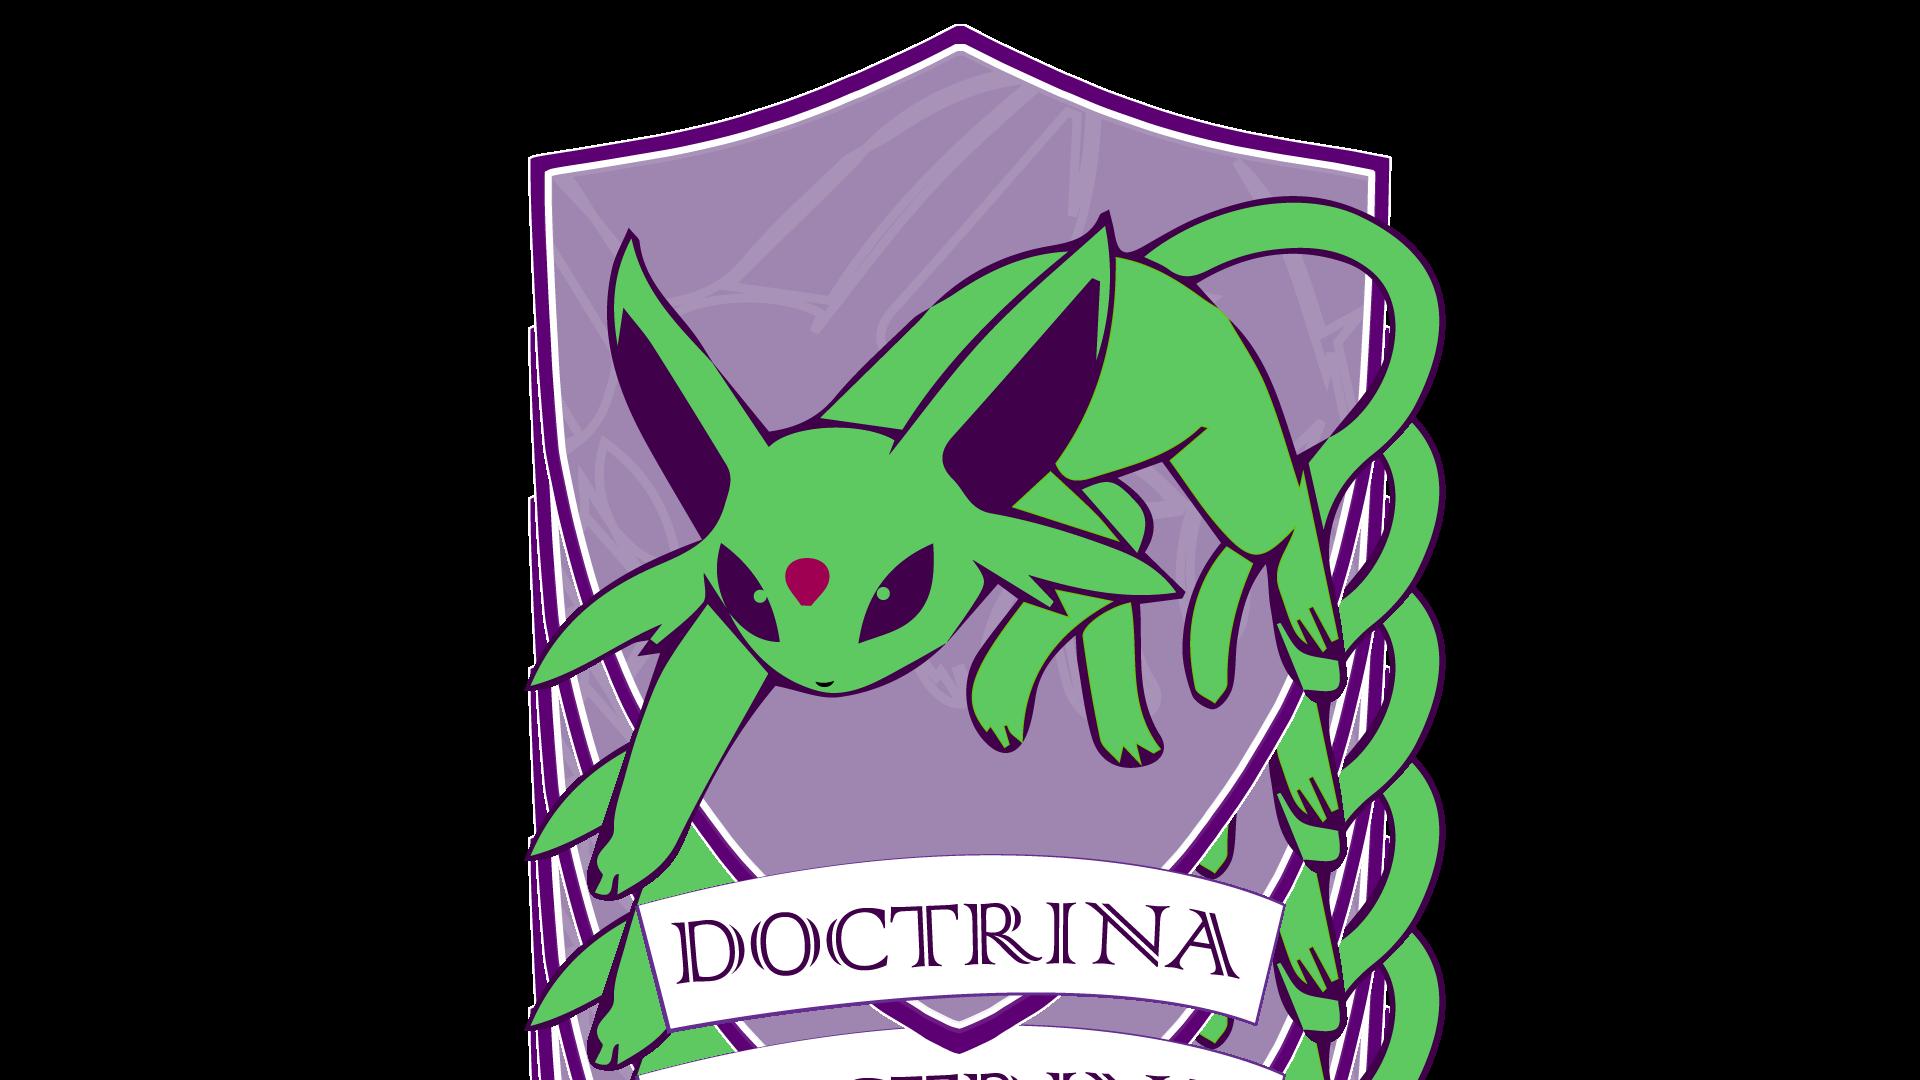 Doctrina House Logo (Donator Shiny)